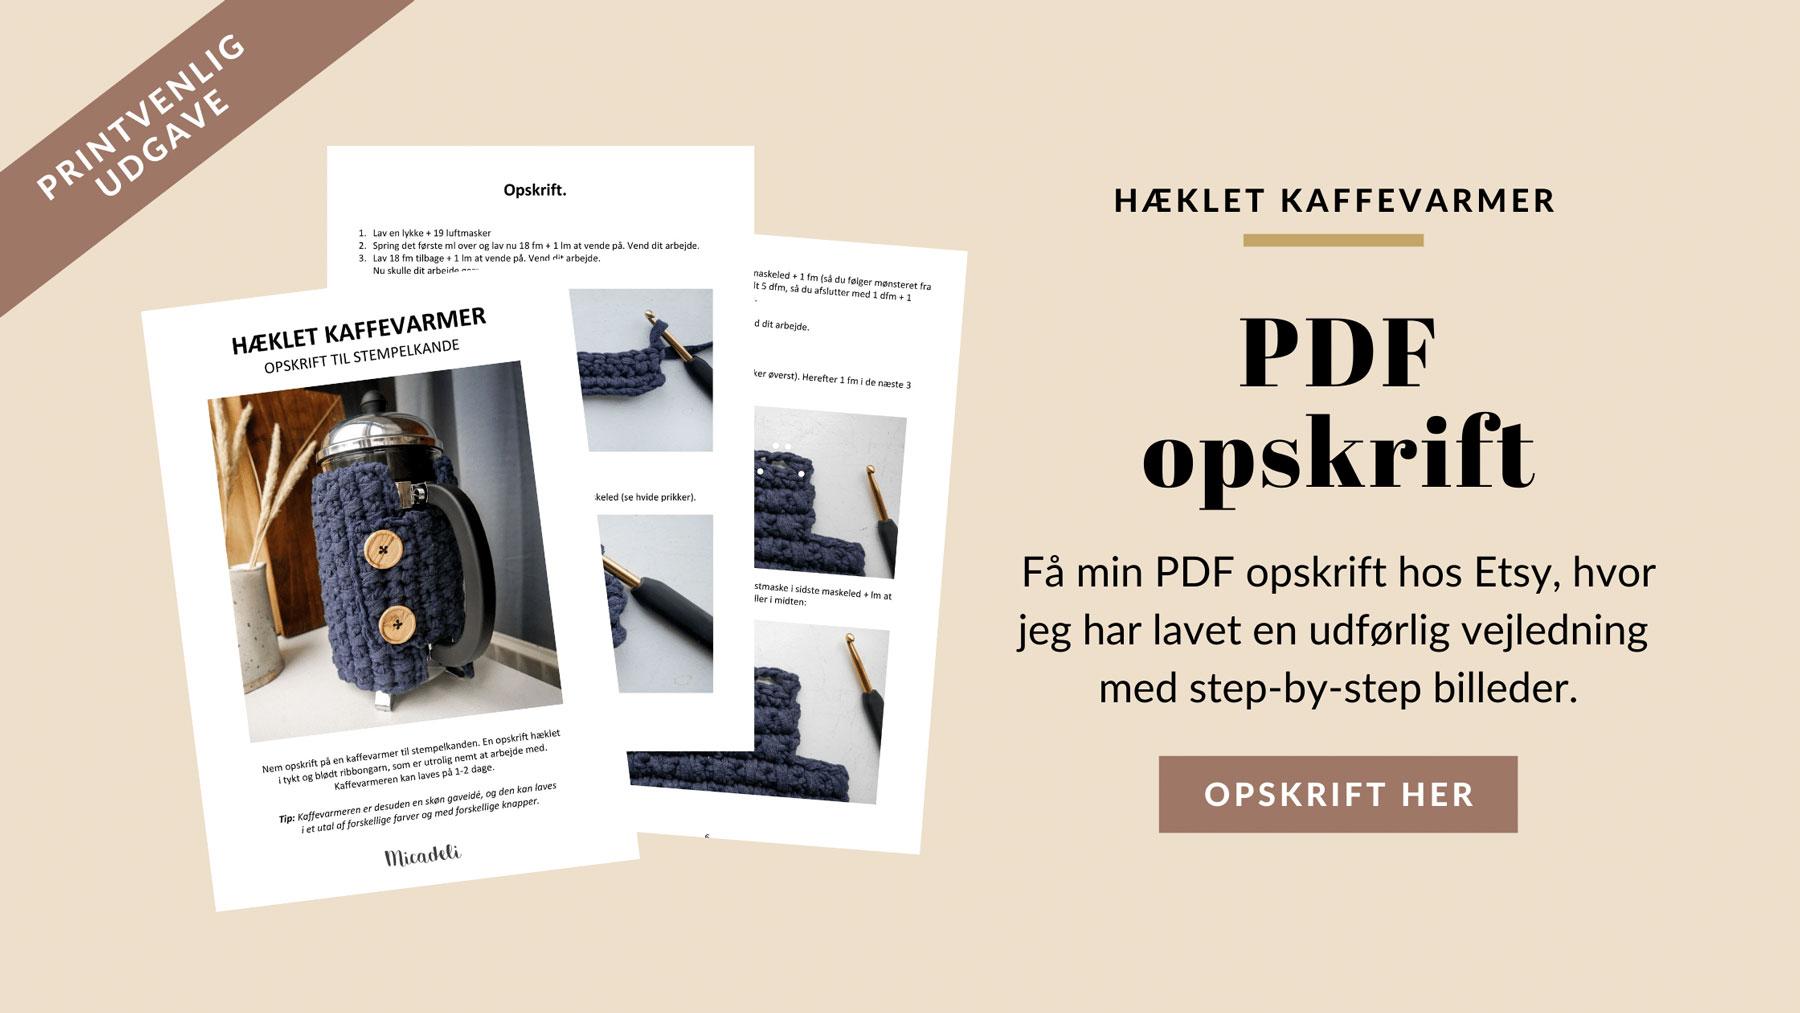 PDF opskrift med en udførlig vejledning og step-by-step billeder